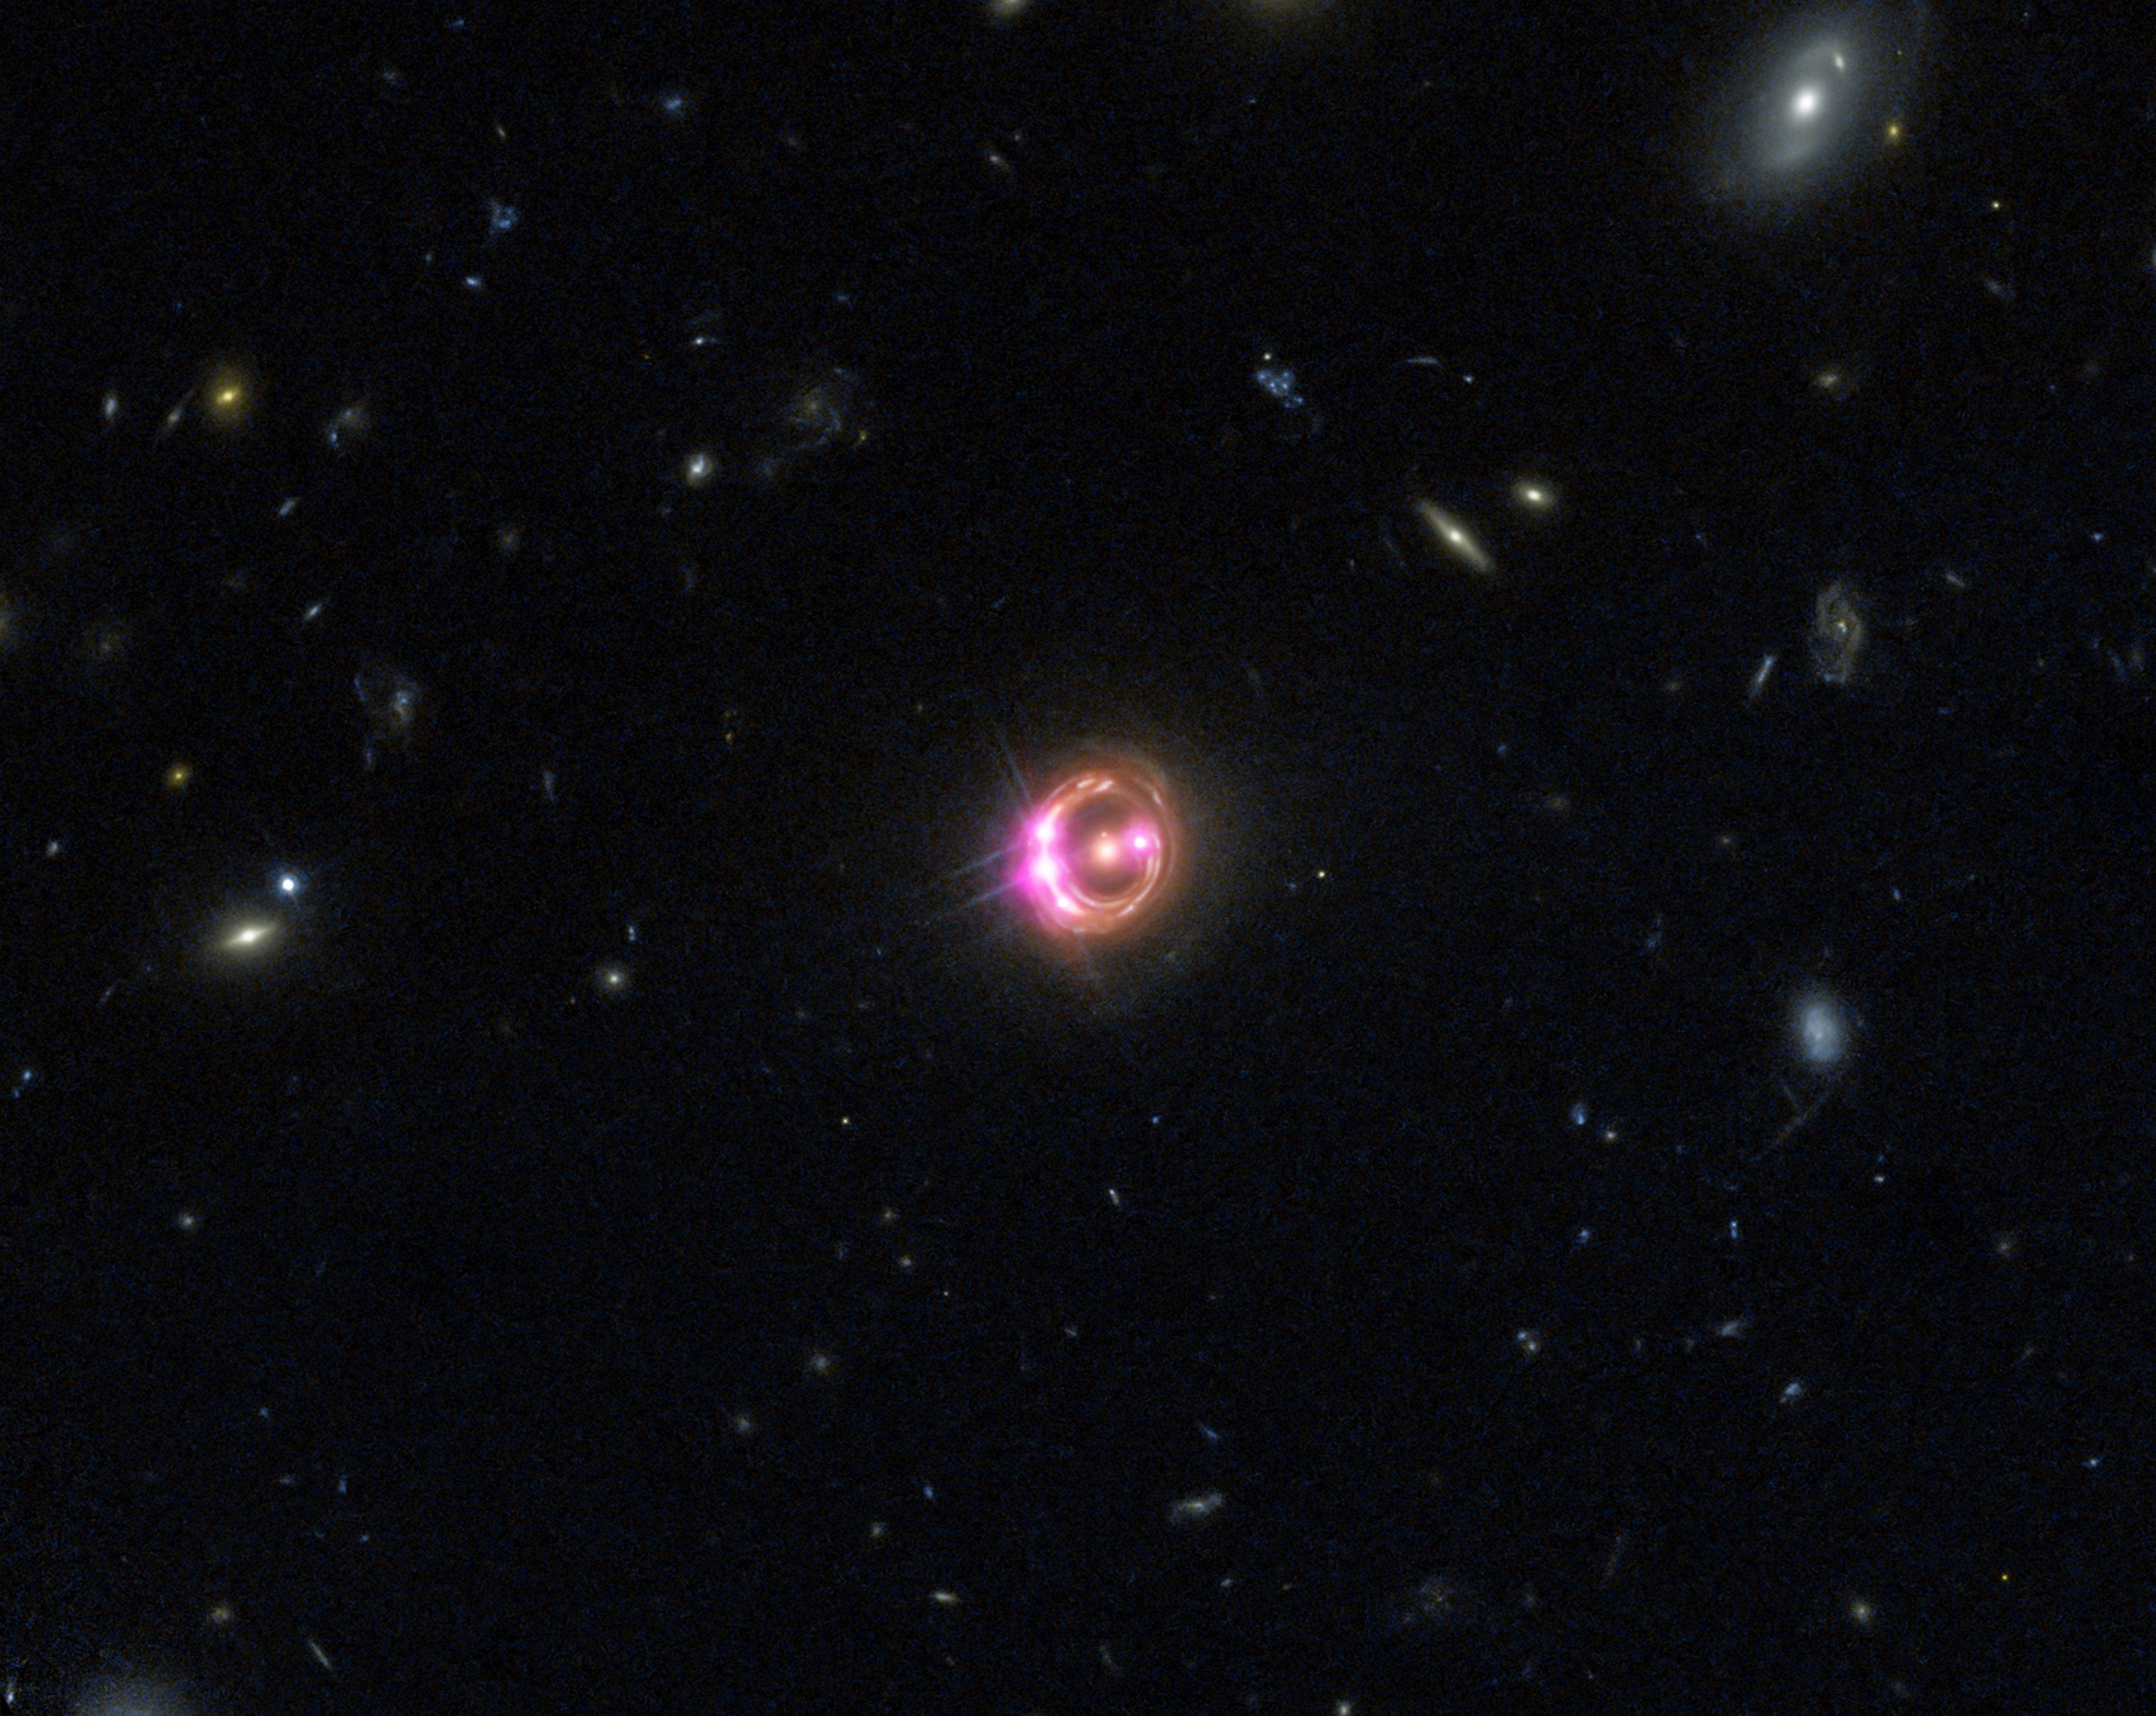 quasar definition